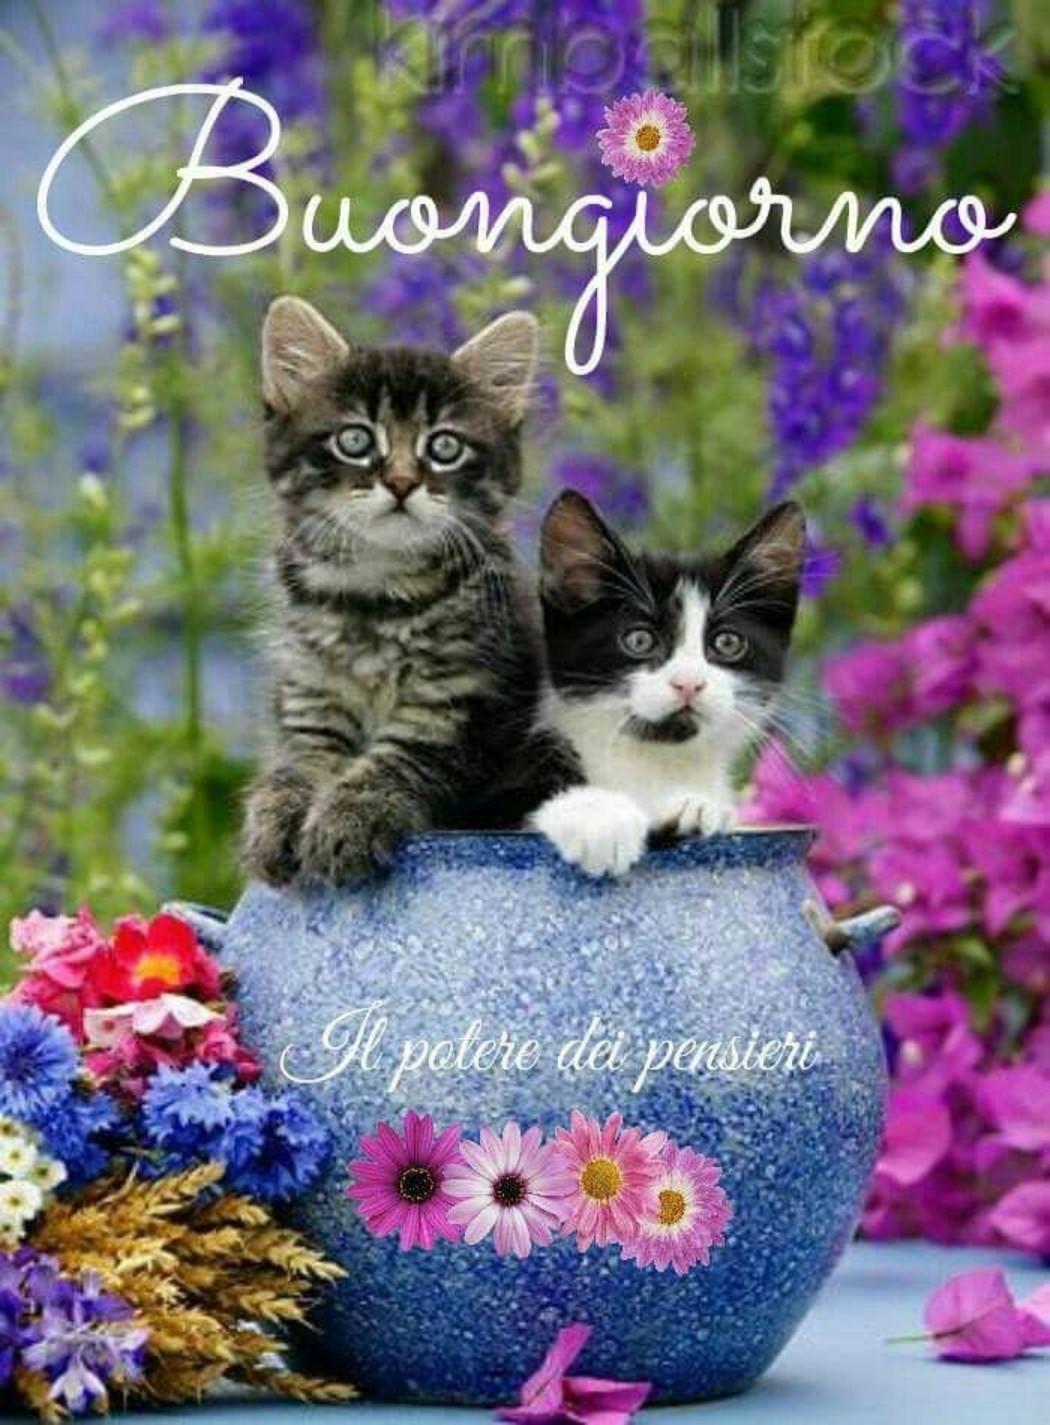 Raggio Di Sole Archives Pagina 75 Di 82 Fotowhatsapp It